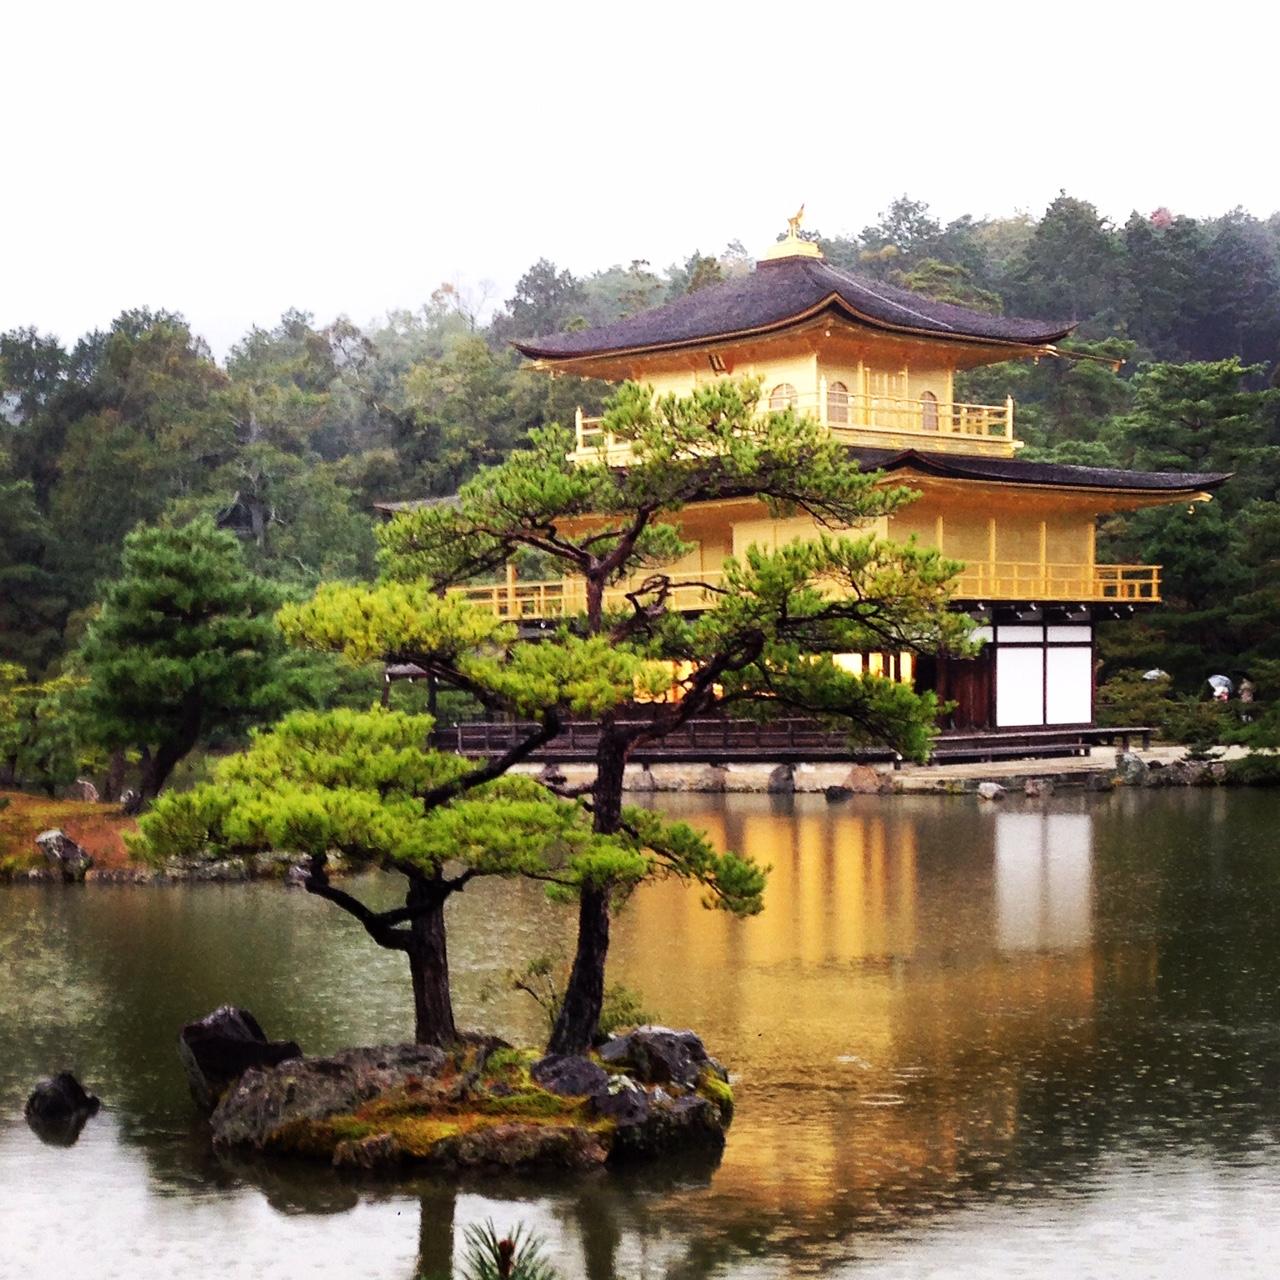 Dicas de Kyoto - Viagem para o Japão - Templo de ouro